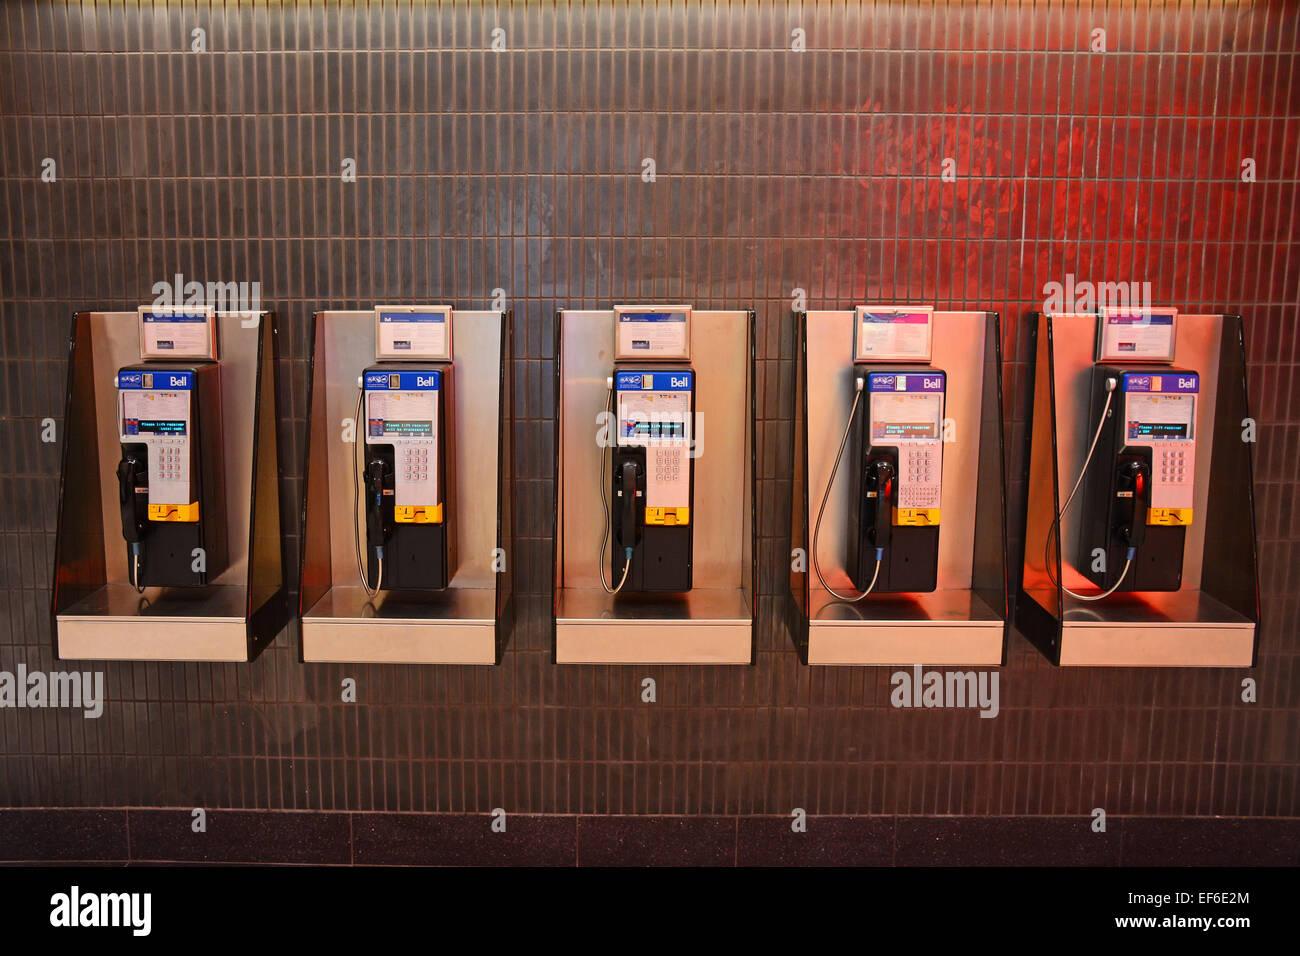 Public Phones, Toronto, Canada - Stock Image